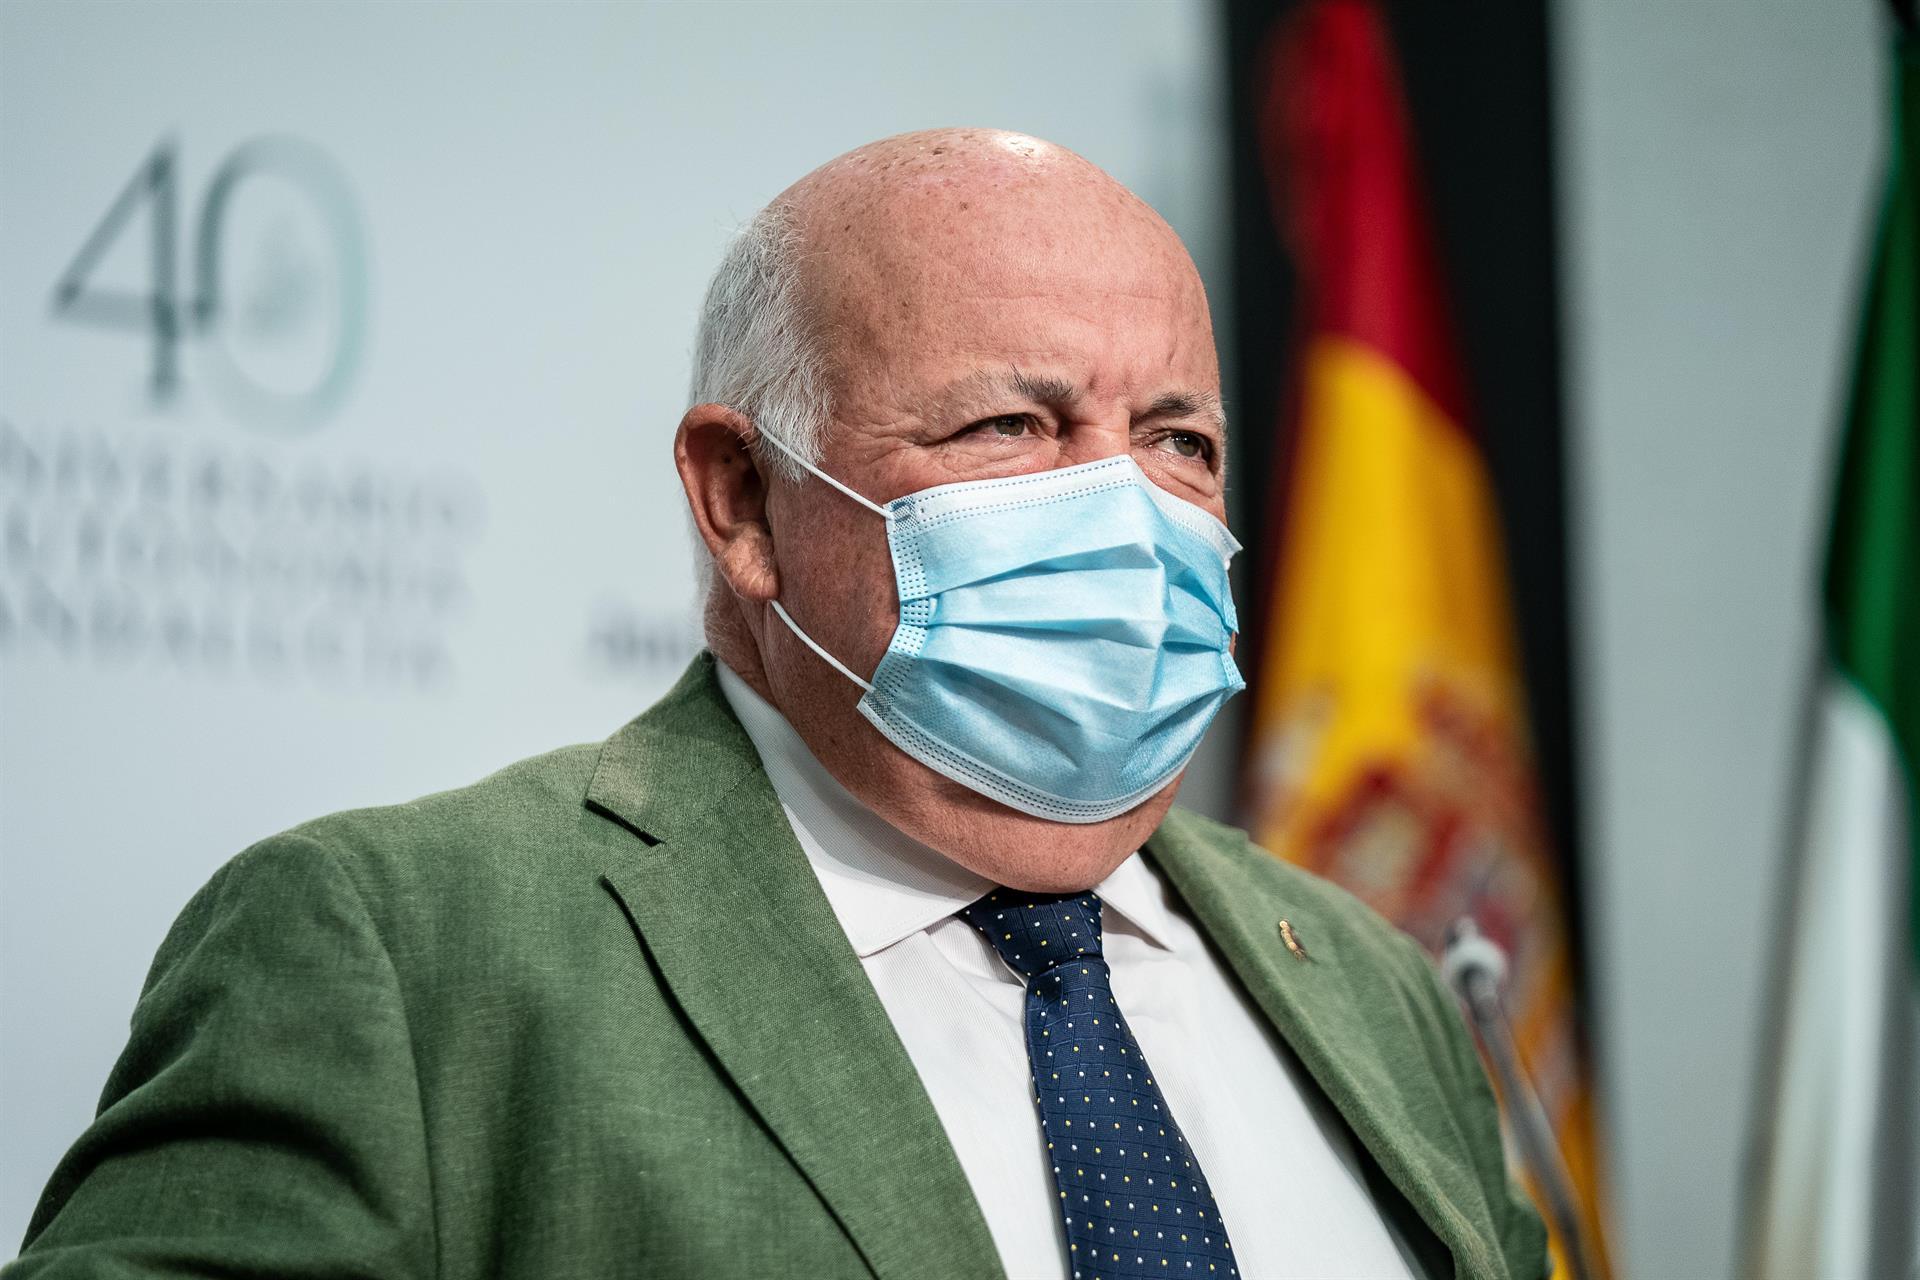 Aguirre defiende priorizar la vacunación de mayores de 30 y desliga del ocio nocturno los contagios de jóvenes